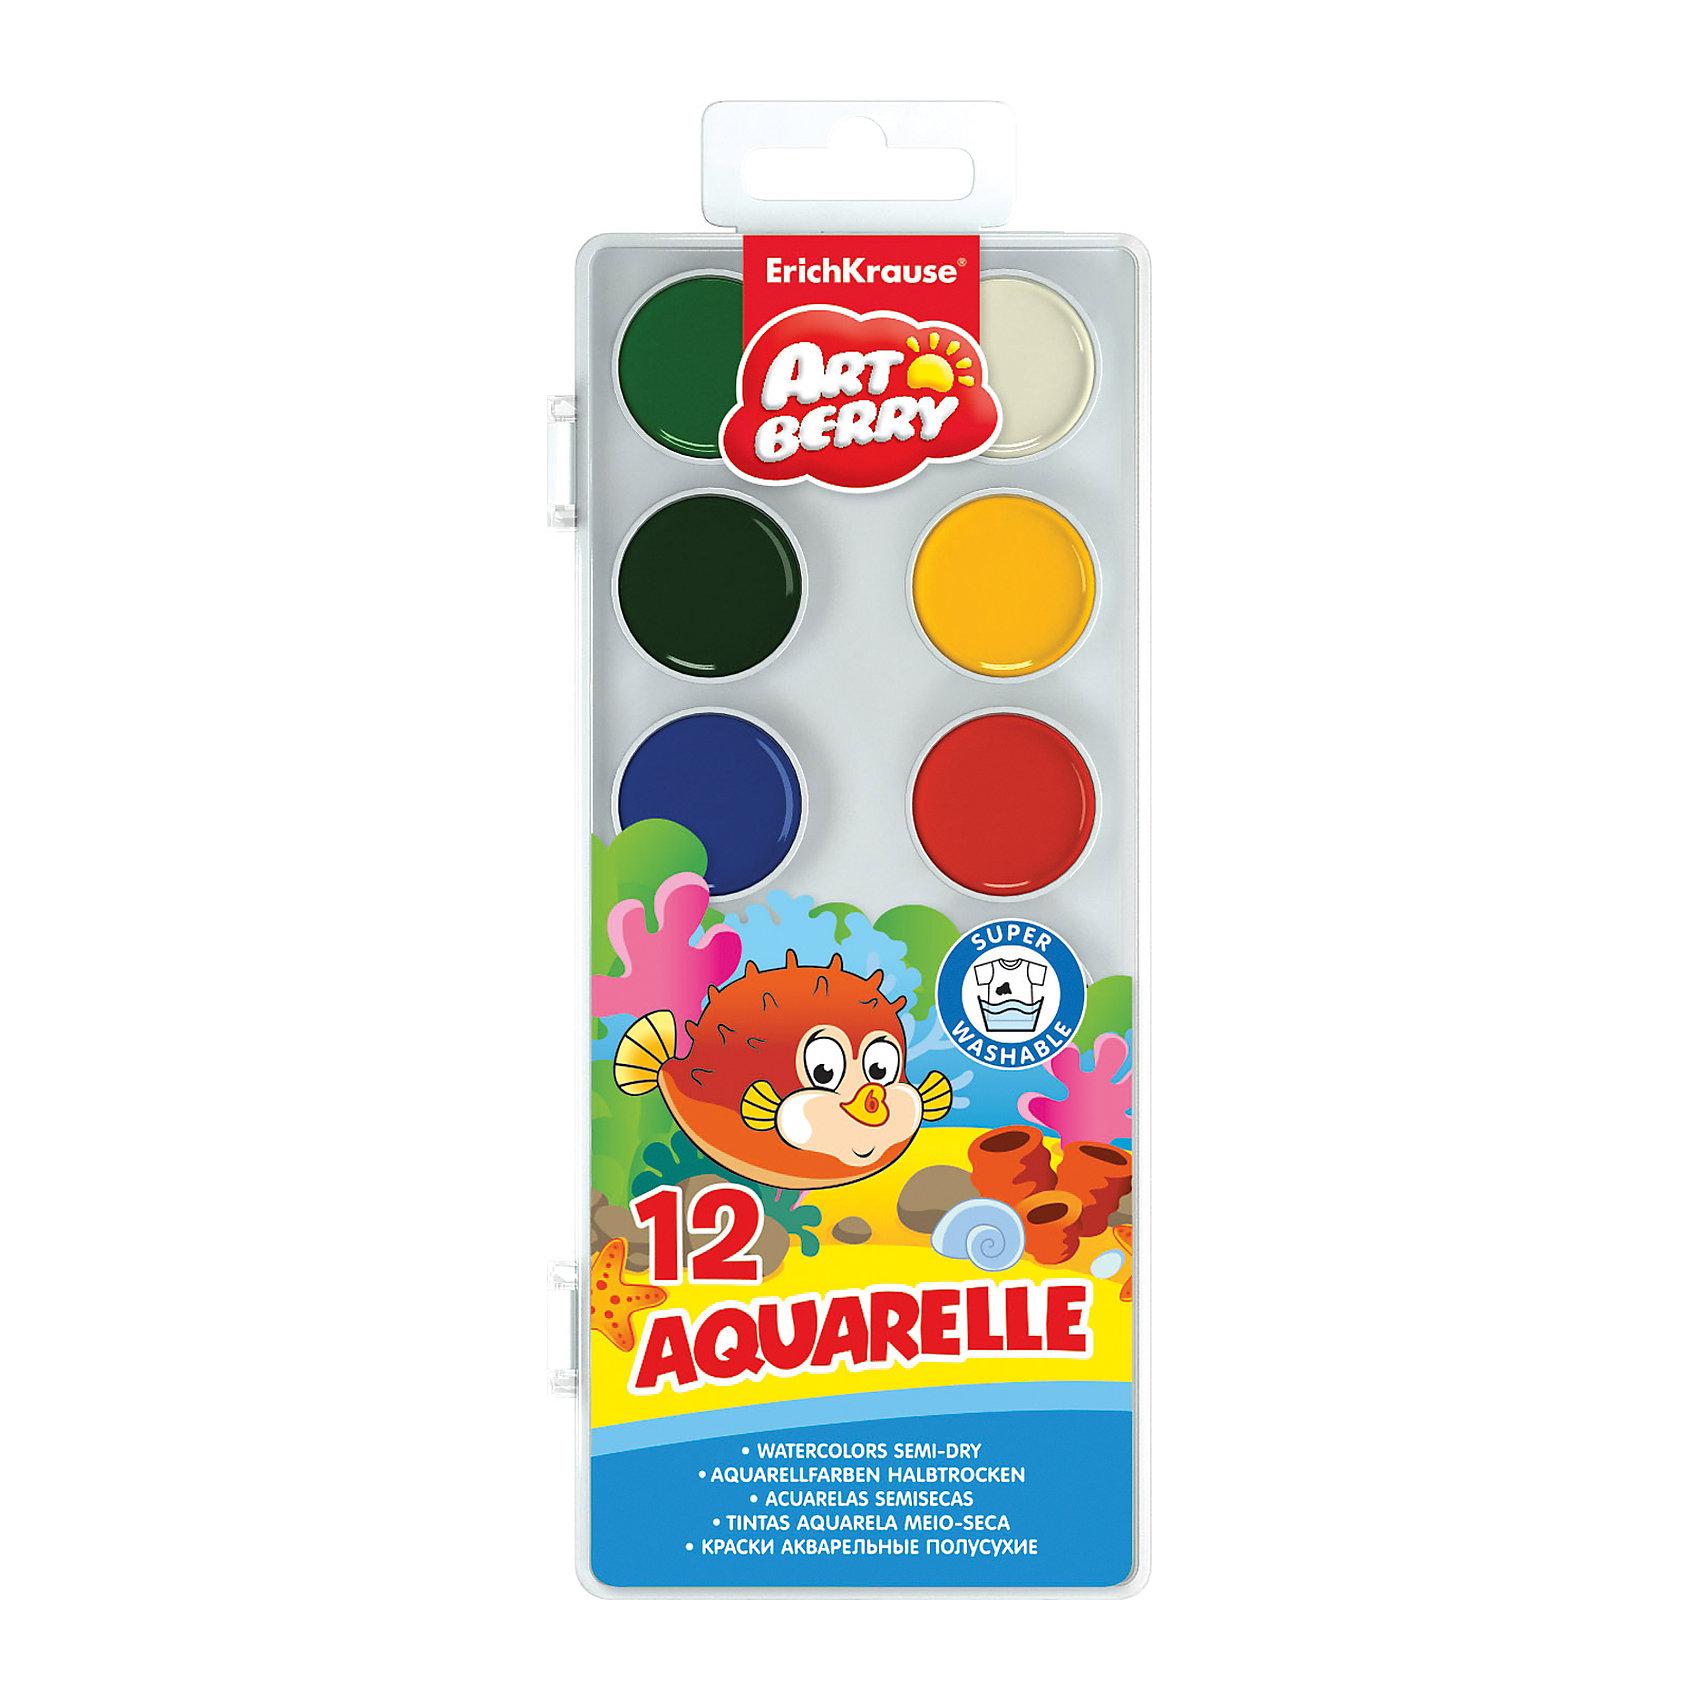 Краски акварельные Artberry, 12 цветовХарактеристики акварельных красок Artberry:<br><br>• возраст: от 5 лет<br>• пол: для мальчиков и девочек<br>• комплект: 12 красок в пластиковом боксе.<br>• материал: пластик, краситель, связующее вещество.<br>• размер упаковки: 23.5х9х1 см.<br>• упаковка: пластиковая коробка.<br>• тип: акварельные полусухие.<br>• количество цветов: 12.<br>• бренд: Erich Krause<br>• страна обладатель бренда: Россия.<br><br>Краски в пластиковой коробке соде ржат стойкие и яркие пигменты, что позволяет получать насыщенные изображения и достигать ощущения бархатистости цвета. Краски изготовлены с добавлением натуральной патоки и пчелиного меда. Легко смываются водой и легко набираются на кисть. Хорошо смешиваются между собой.<br><br>Акварельные краски Artberry торговой марки Erich Krause   можно купить в нашем интернет-магазине.<br><br>Ширина мм: 78<br>Глубина мм: 205<br>Высота мм: 205<br>Вес г: 90<br>Возраст от месяцев: 60<br>Возраст до месяцев: 216<br>Пол: Унисекс<br>Возраст: Детский<br>SKU: 5409210